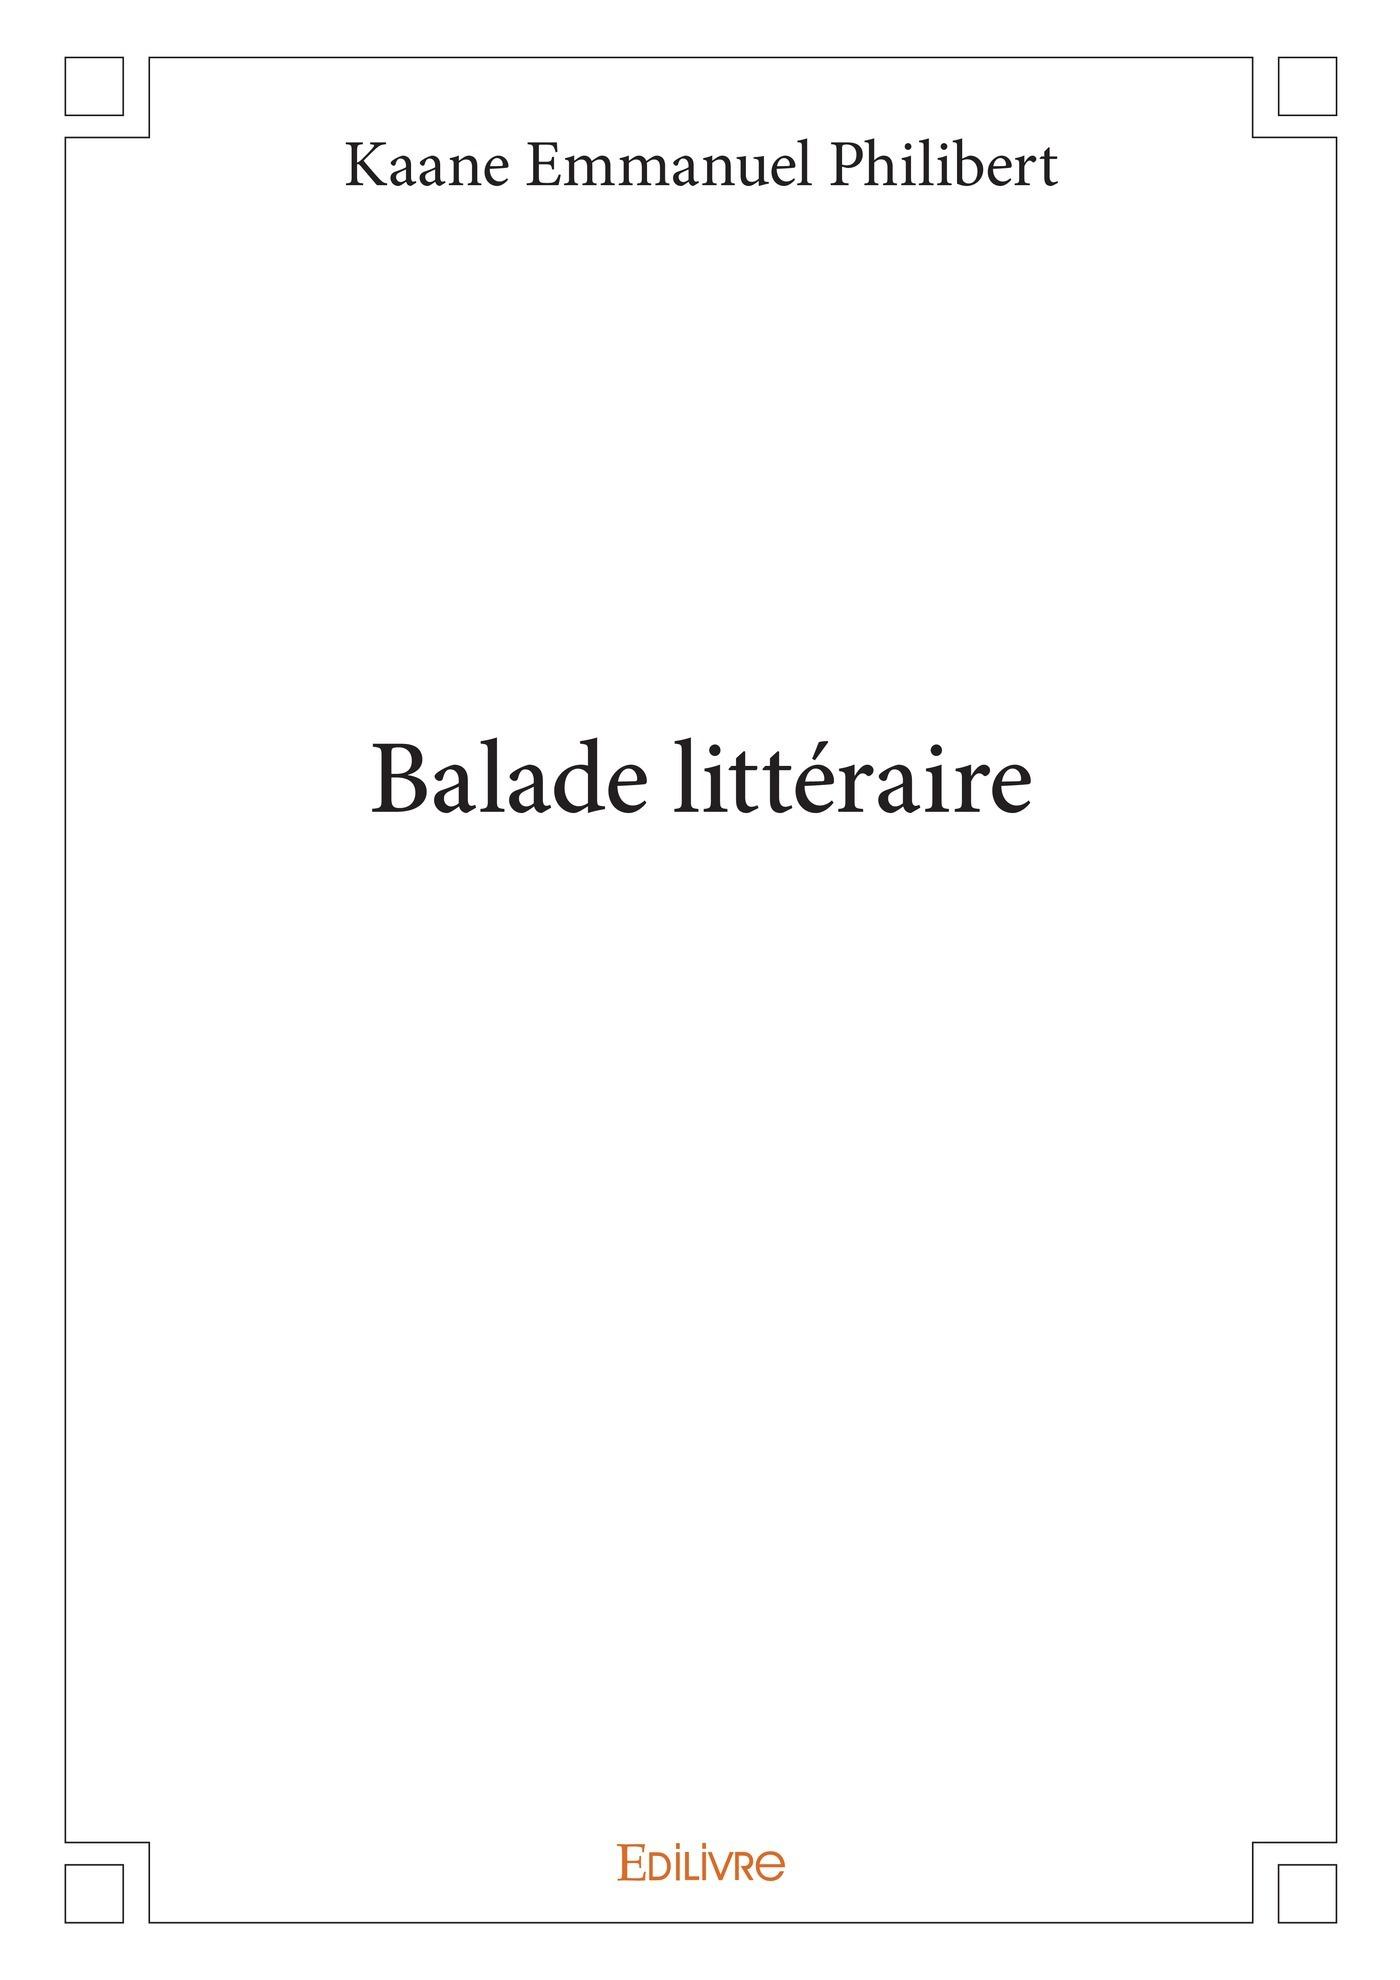 Balade litteraire